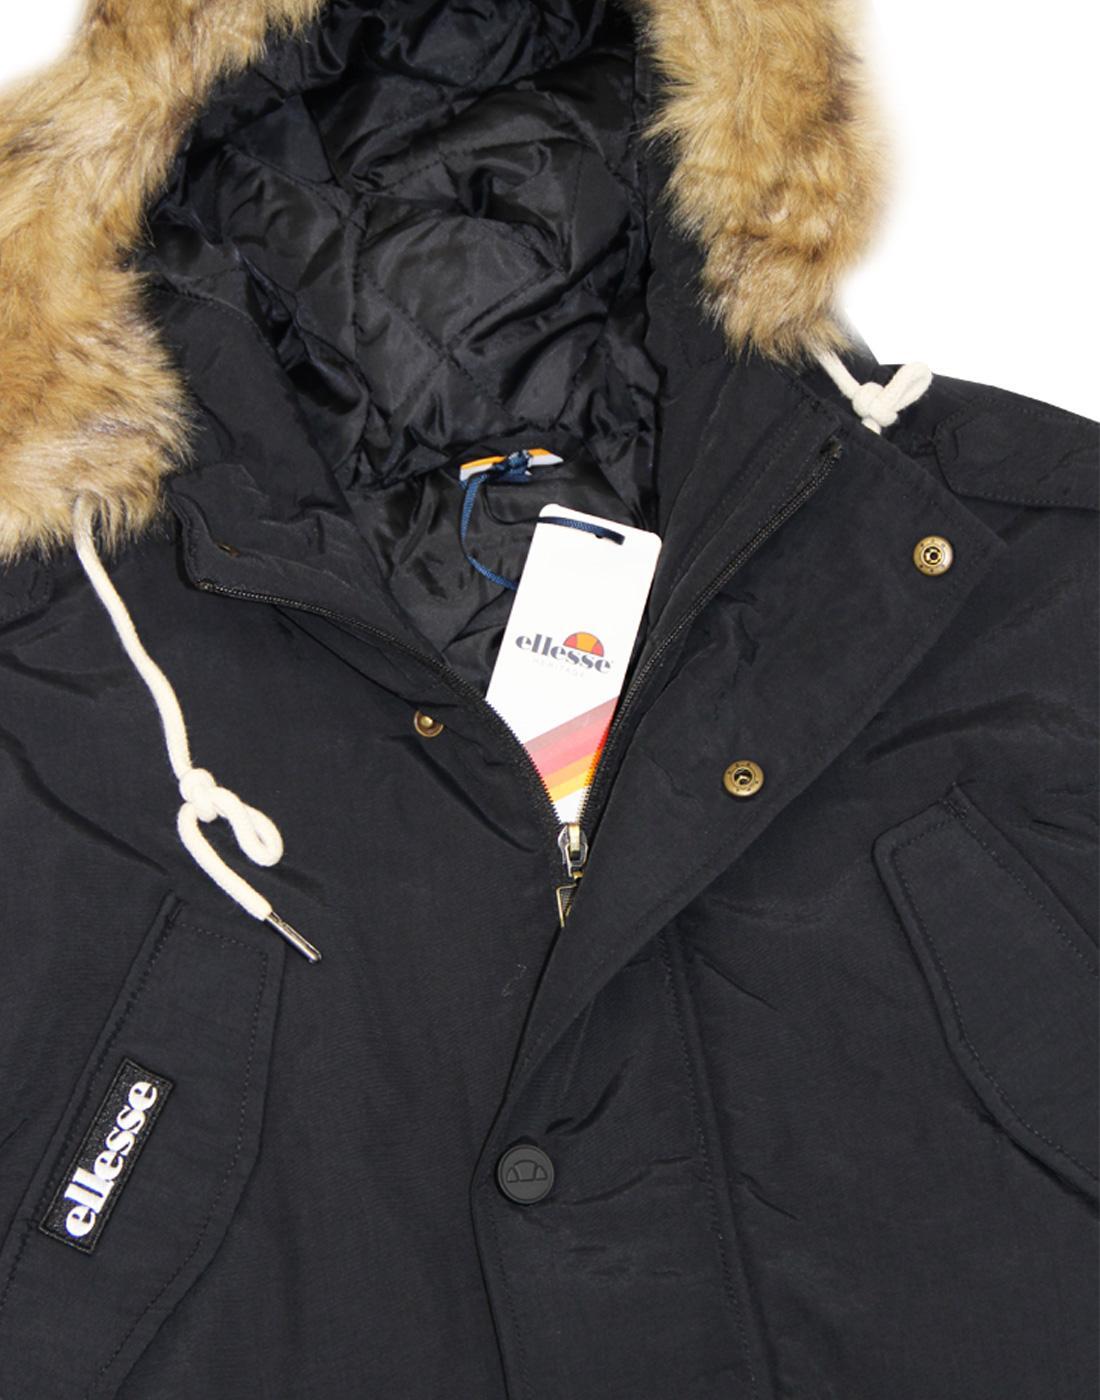 padded winter coat Ellesse Blizzard Parka in Black faux fur lined hood